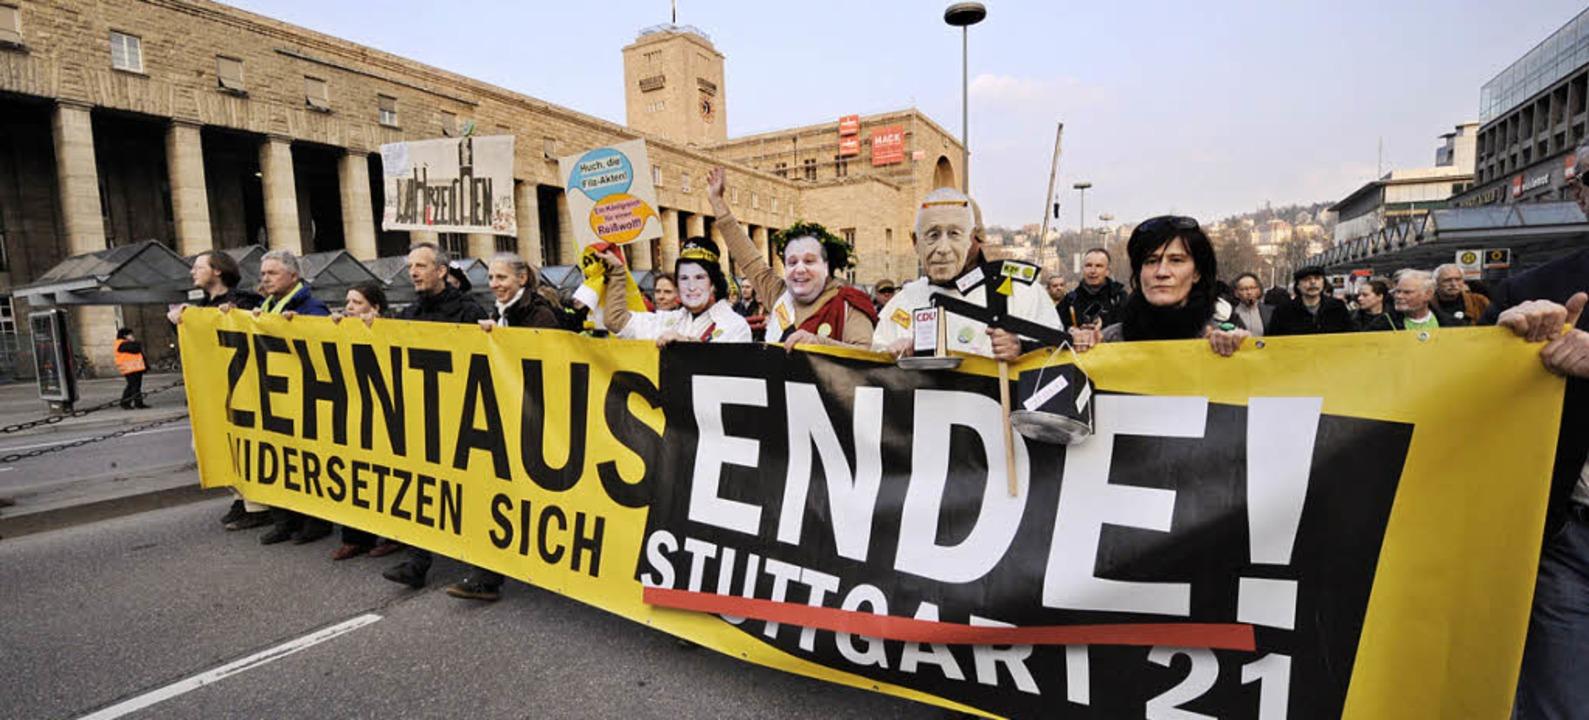 Jeden Montag unterwegs: die Gegner von Stuttgart 21     Foto: dapd